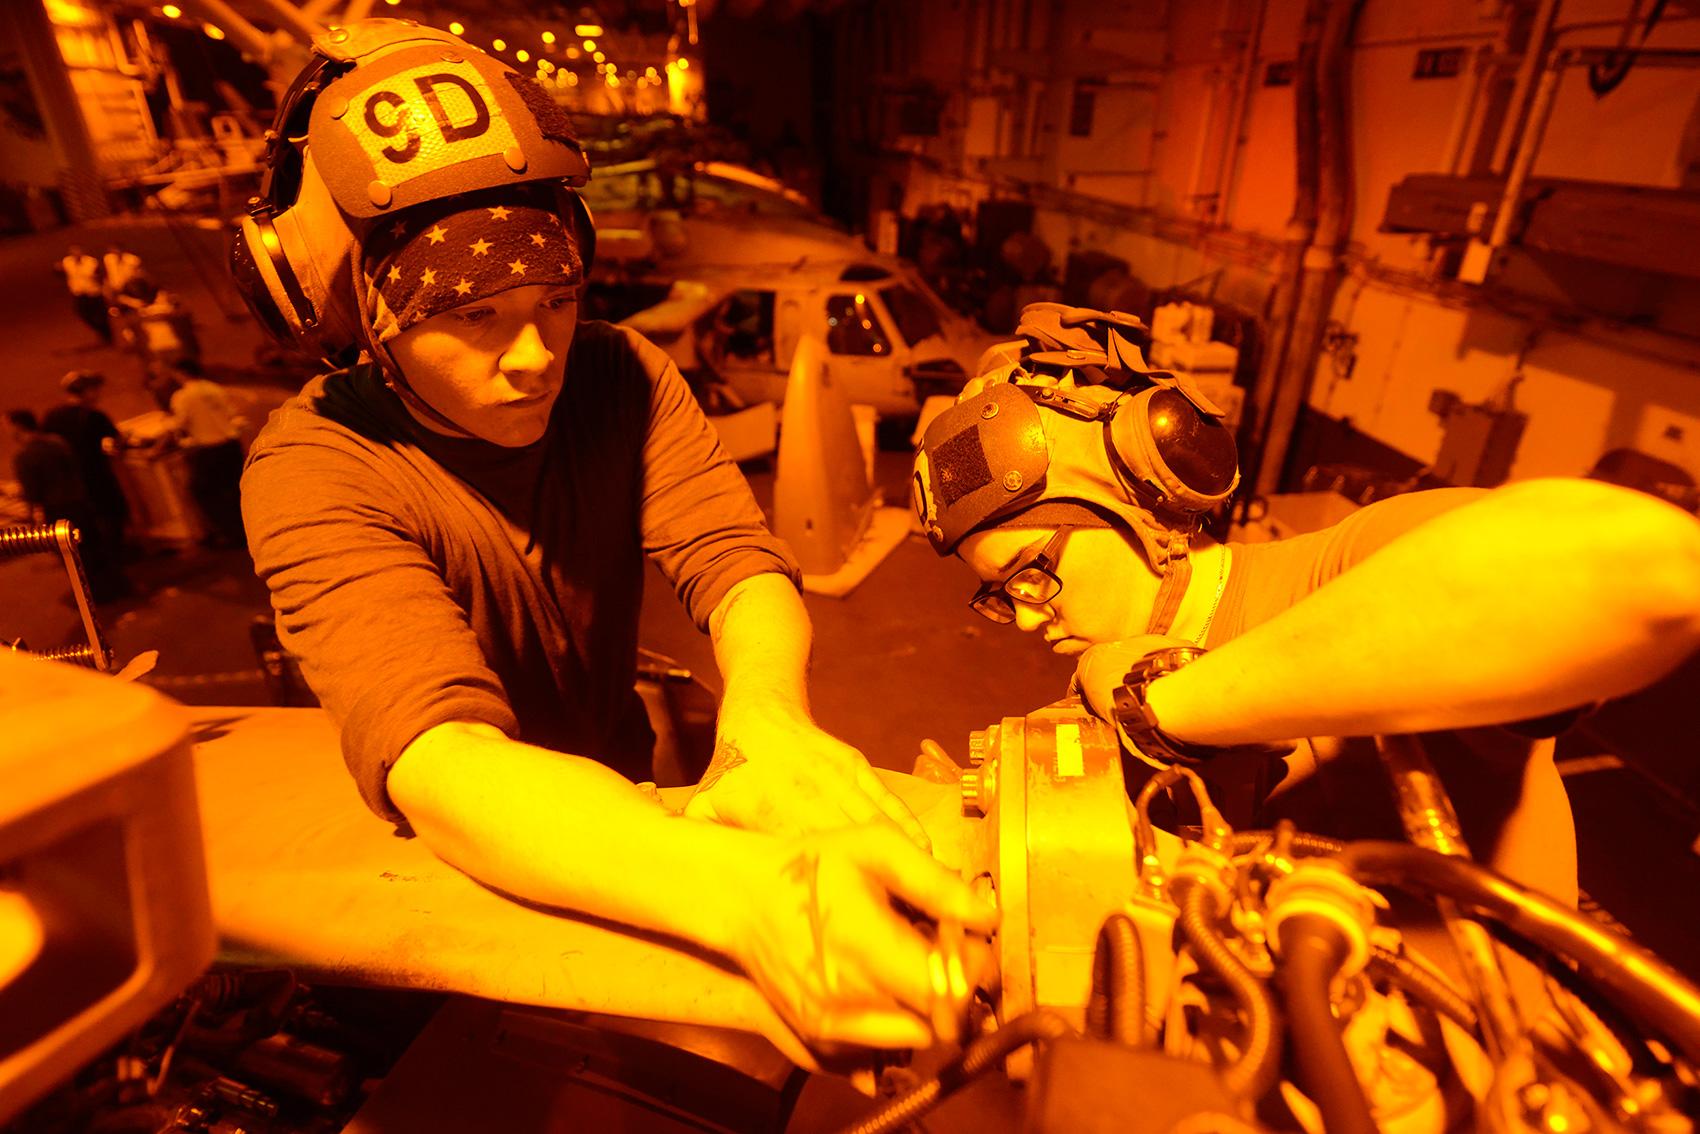 Помощник авиационного механика 3-го класса Ноа Уокер (слева) и помощник авиационного механика 2-го класса Эшли Тьон, служащие в Dragon Slayers Вертолетной морской боевой эскадрильи (HSC) 11, выполняют техническое обслуживание вертолета MH-60S Sea Hawk в закрытом ангаре авианосца класса Nimitz USS Harry S. Truman (CVN 75). (Фото: ВМС США).